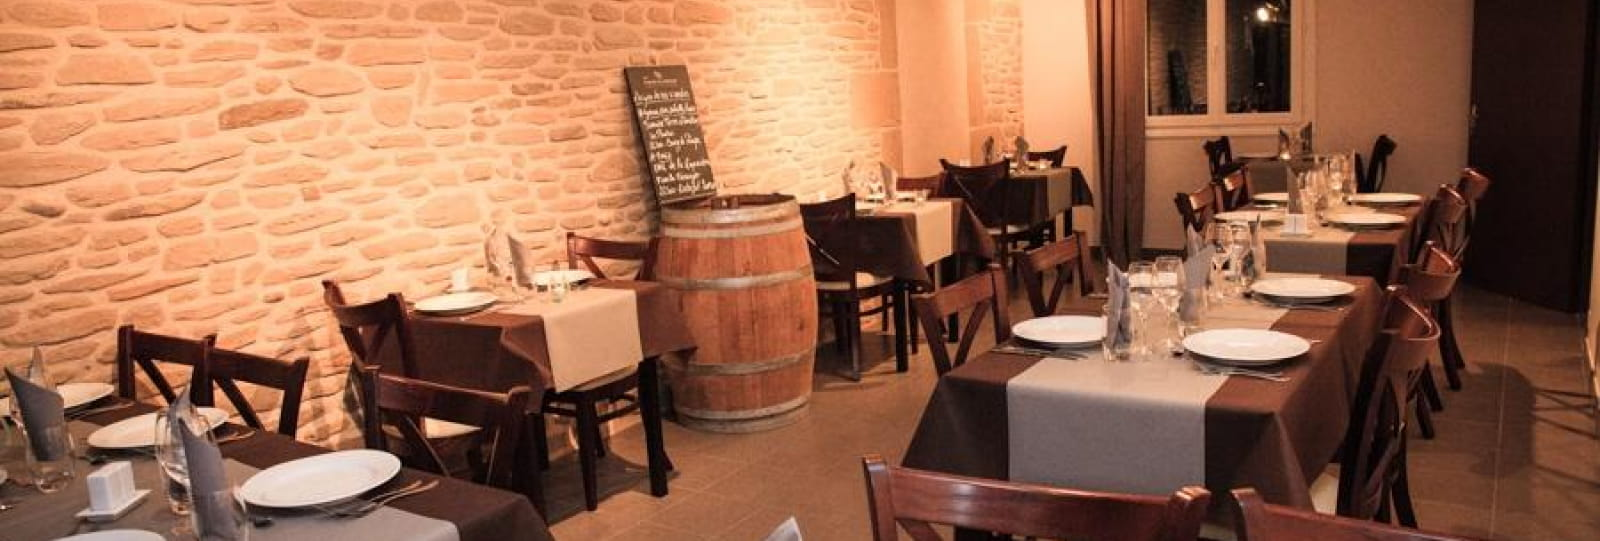 Restaurant Terres d'éomtions